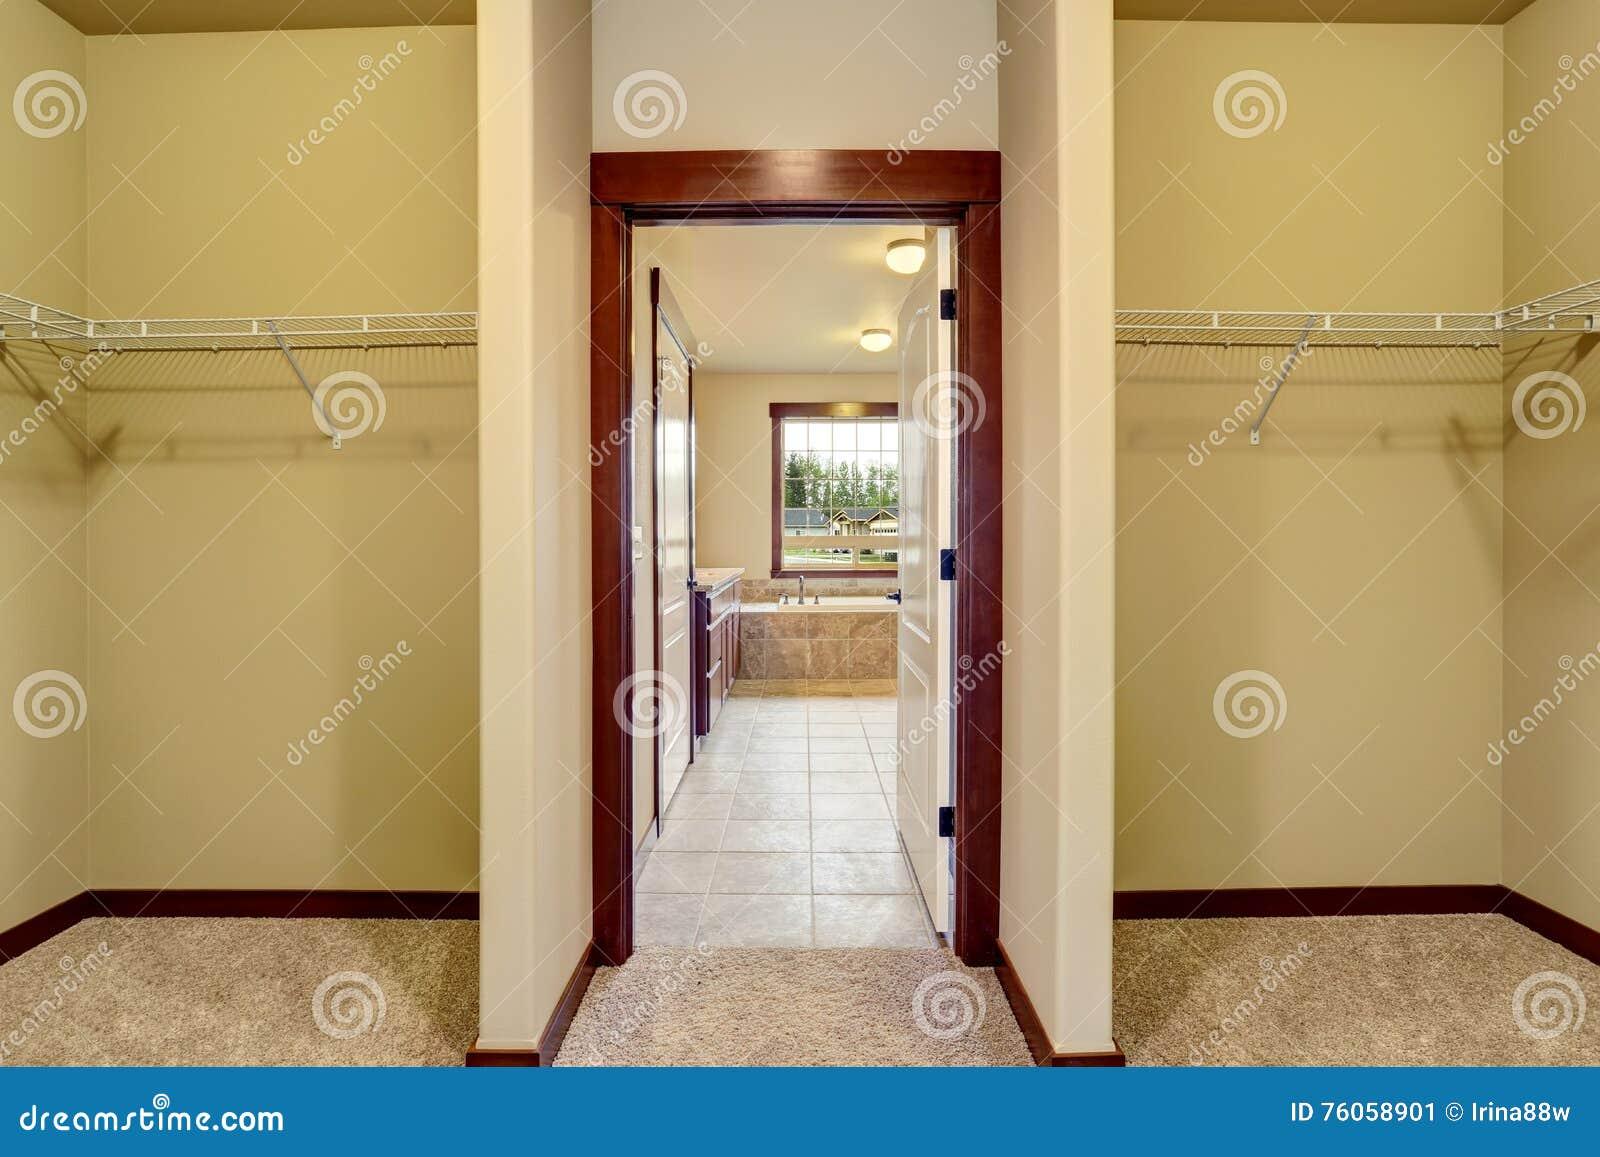 Halleninnenraum Geöffnete Tür Zum Badezimmer Mit Fliesenboden ...